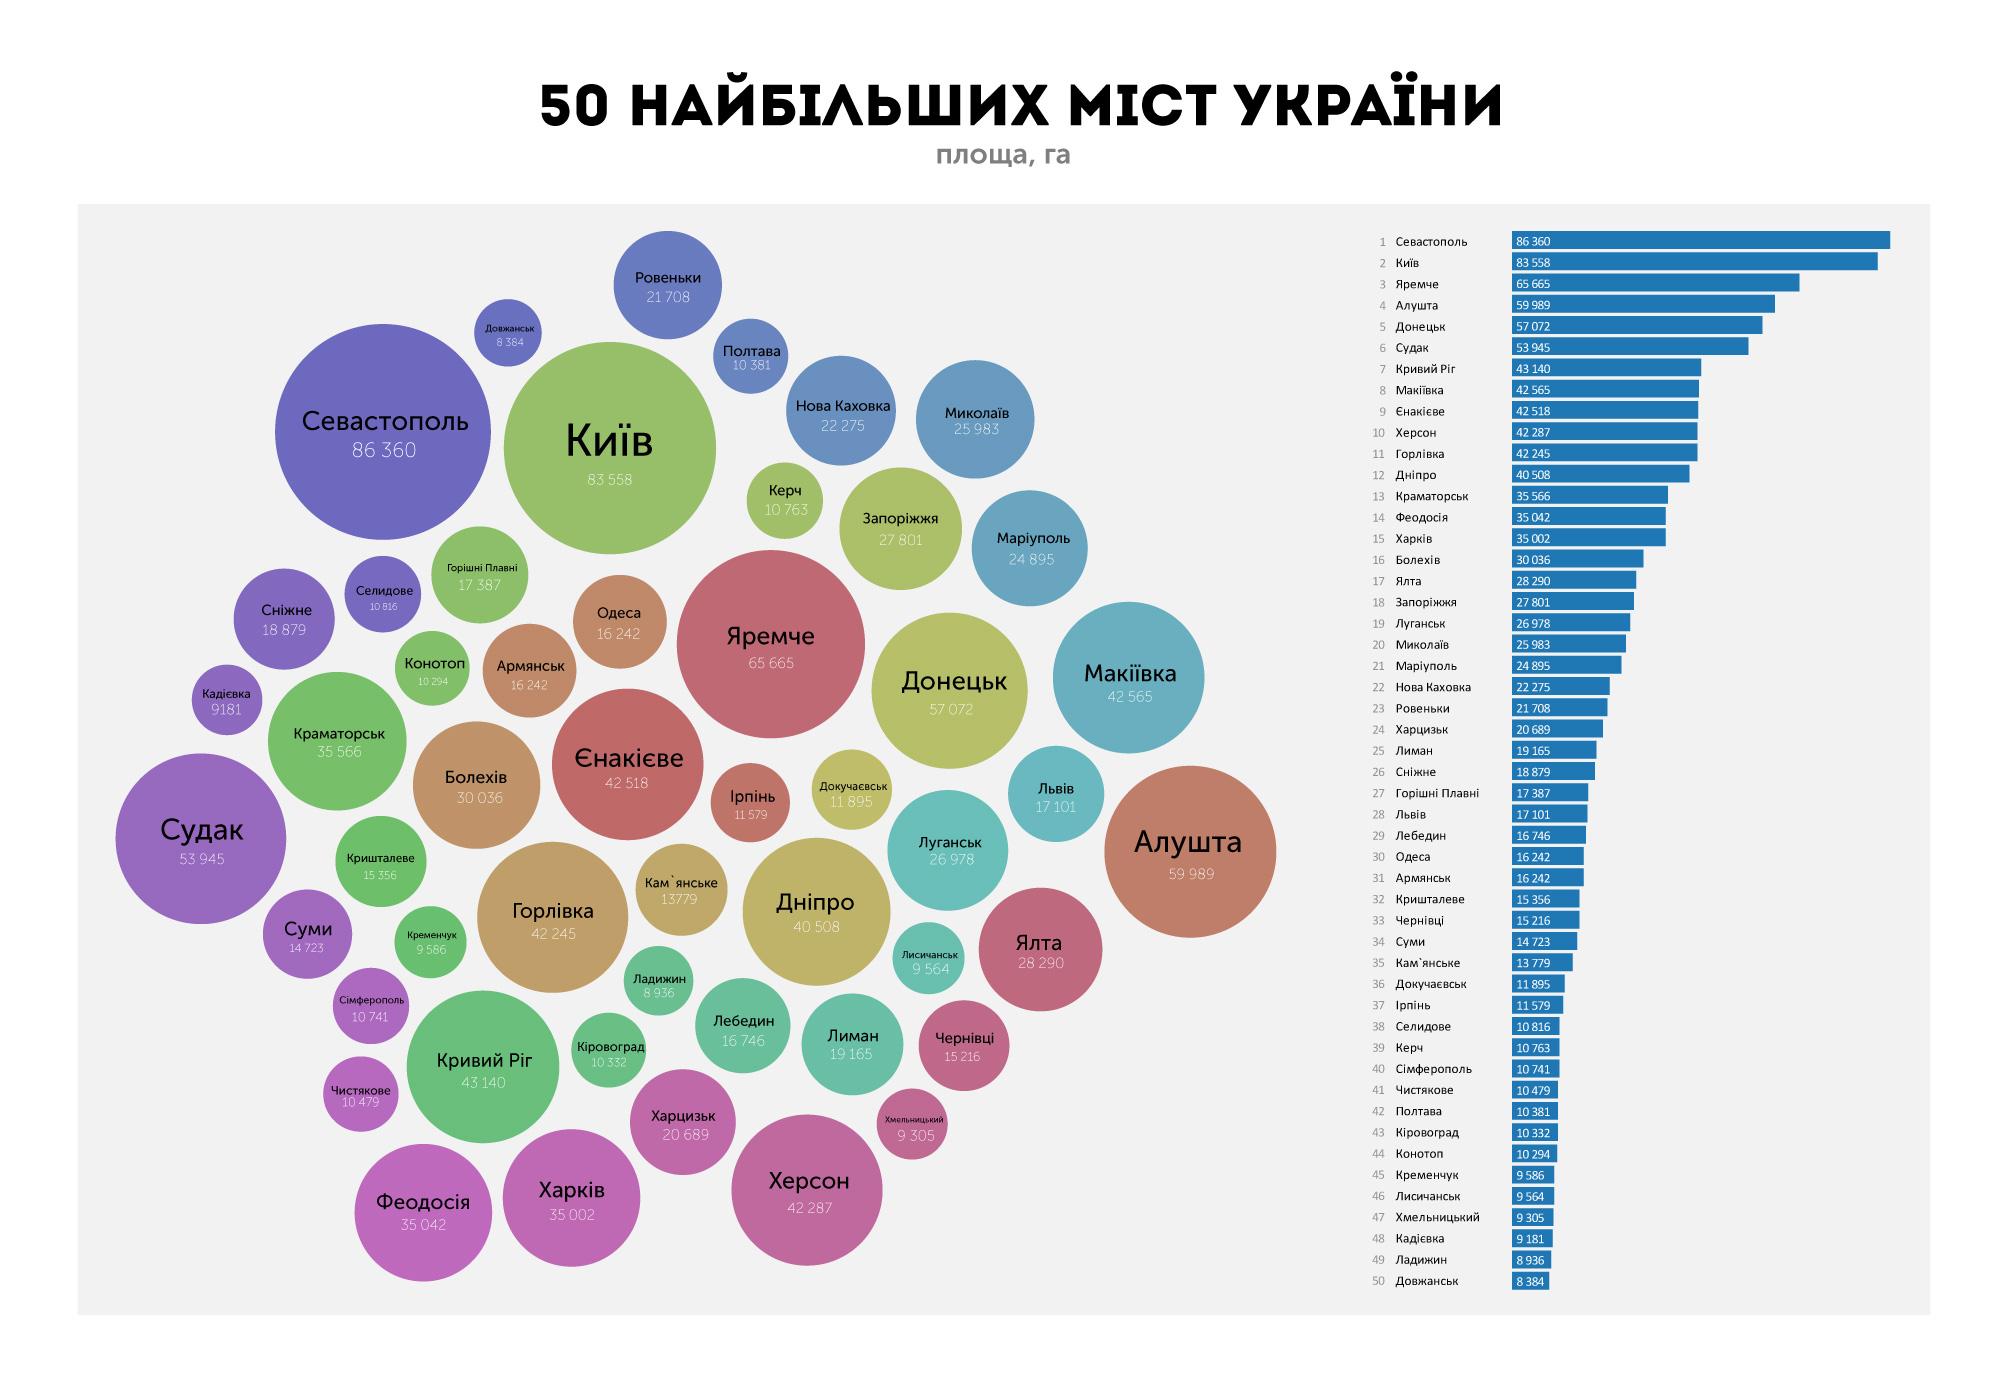 ТОП-50 міст